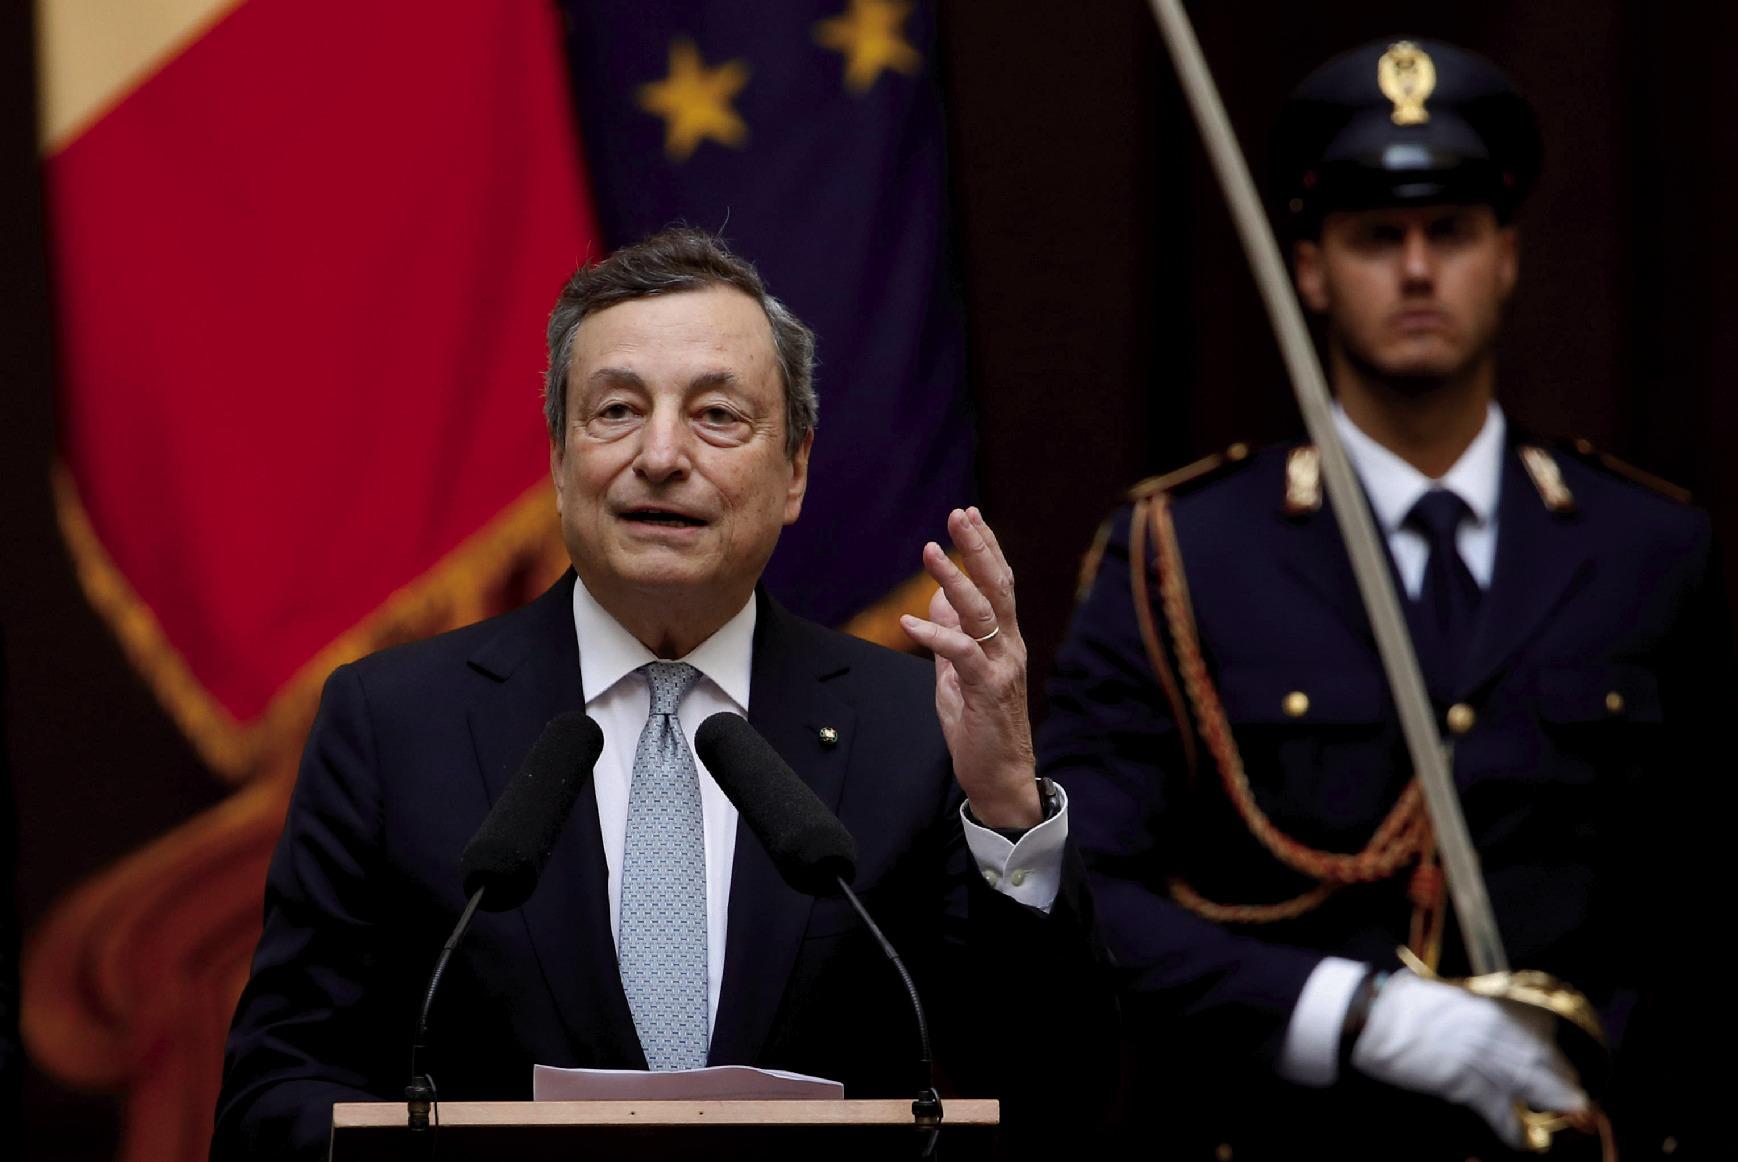 Nodo tamponi, Draghi apre ai sindacati sul ribasso del prezzo